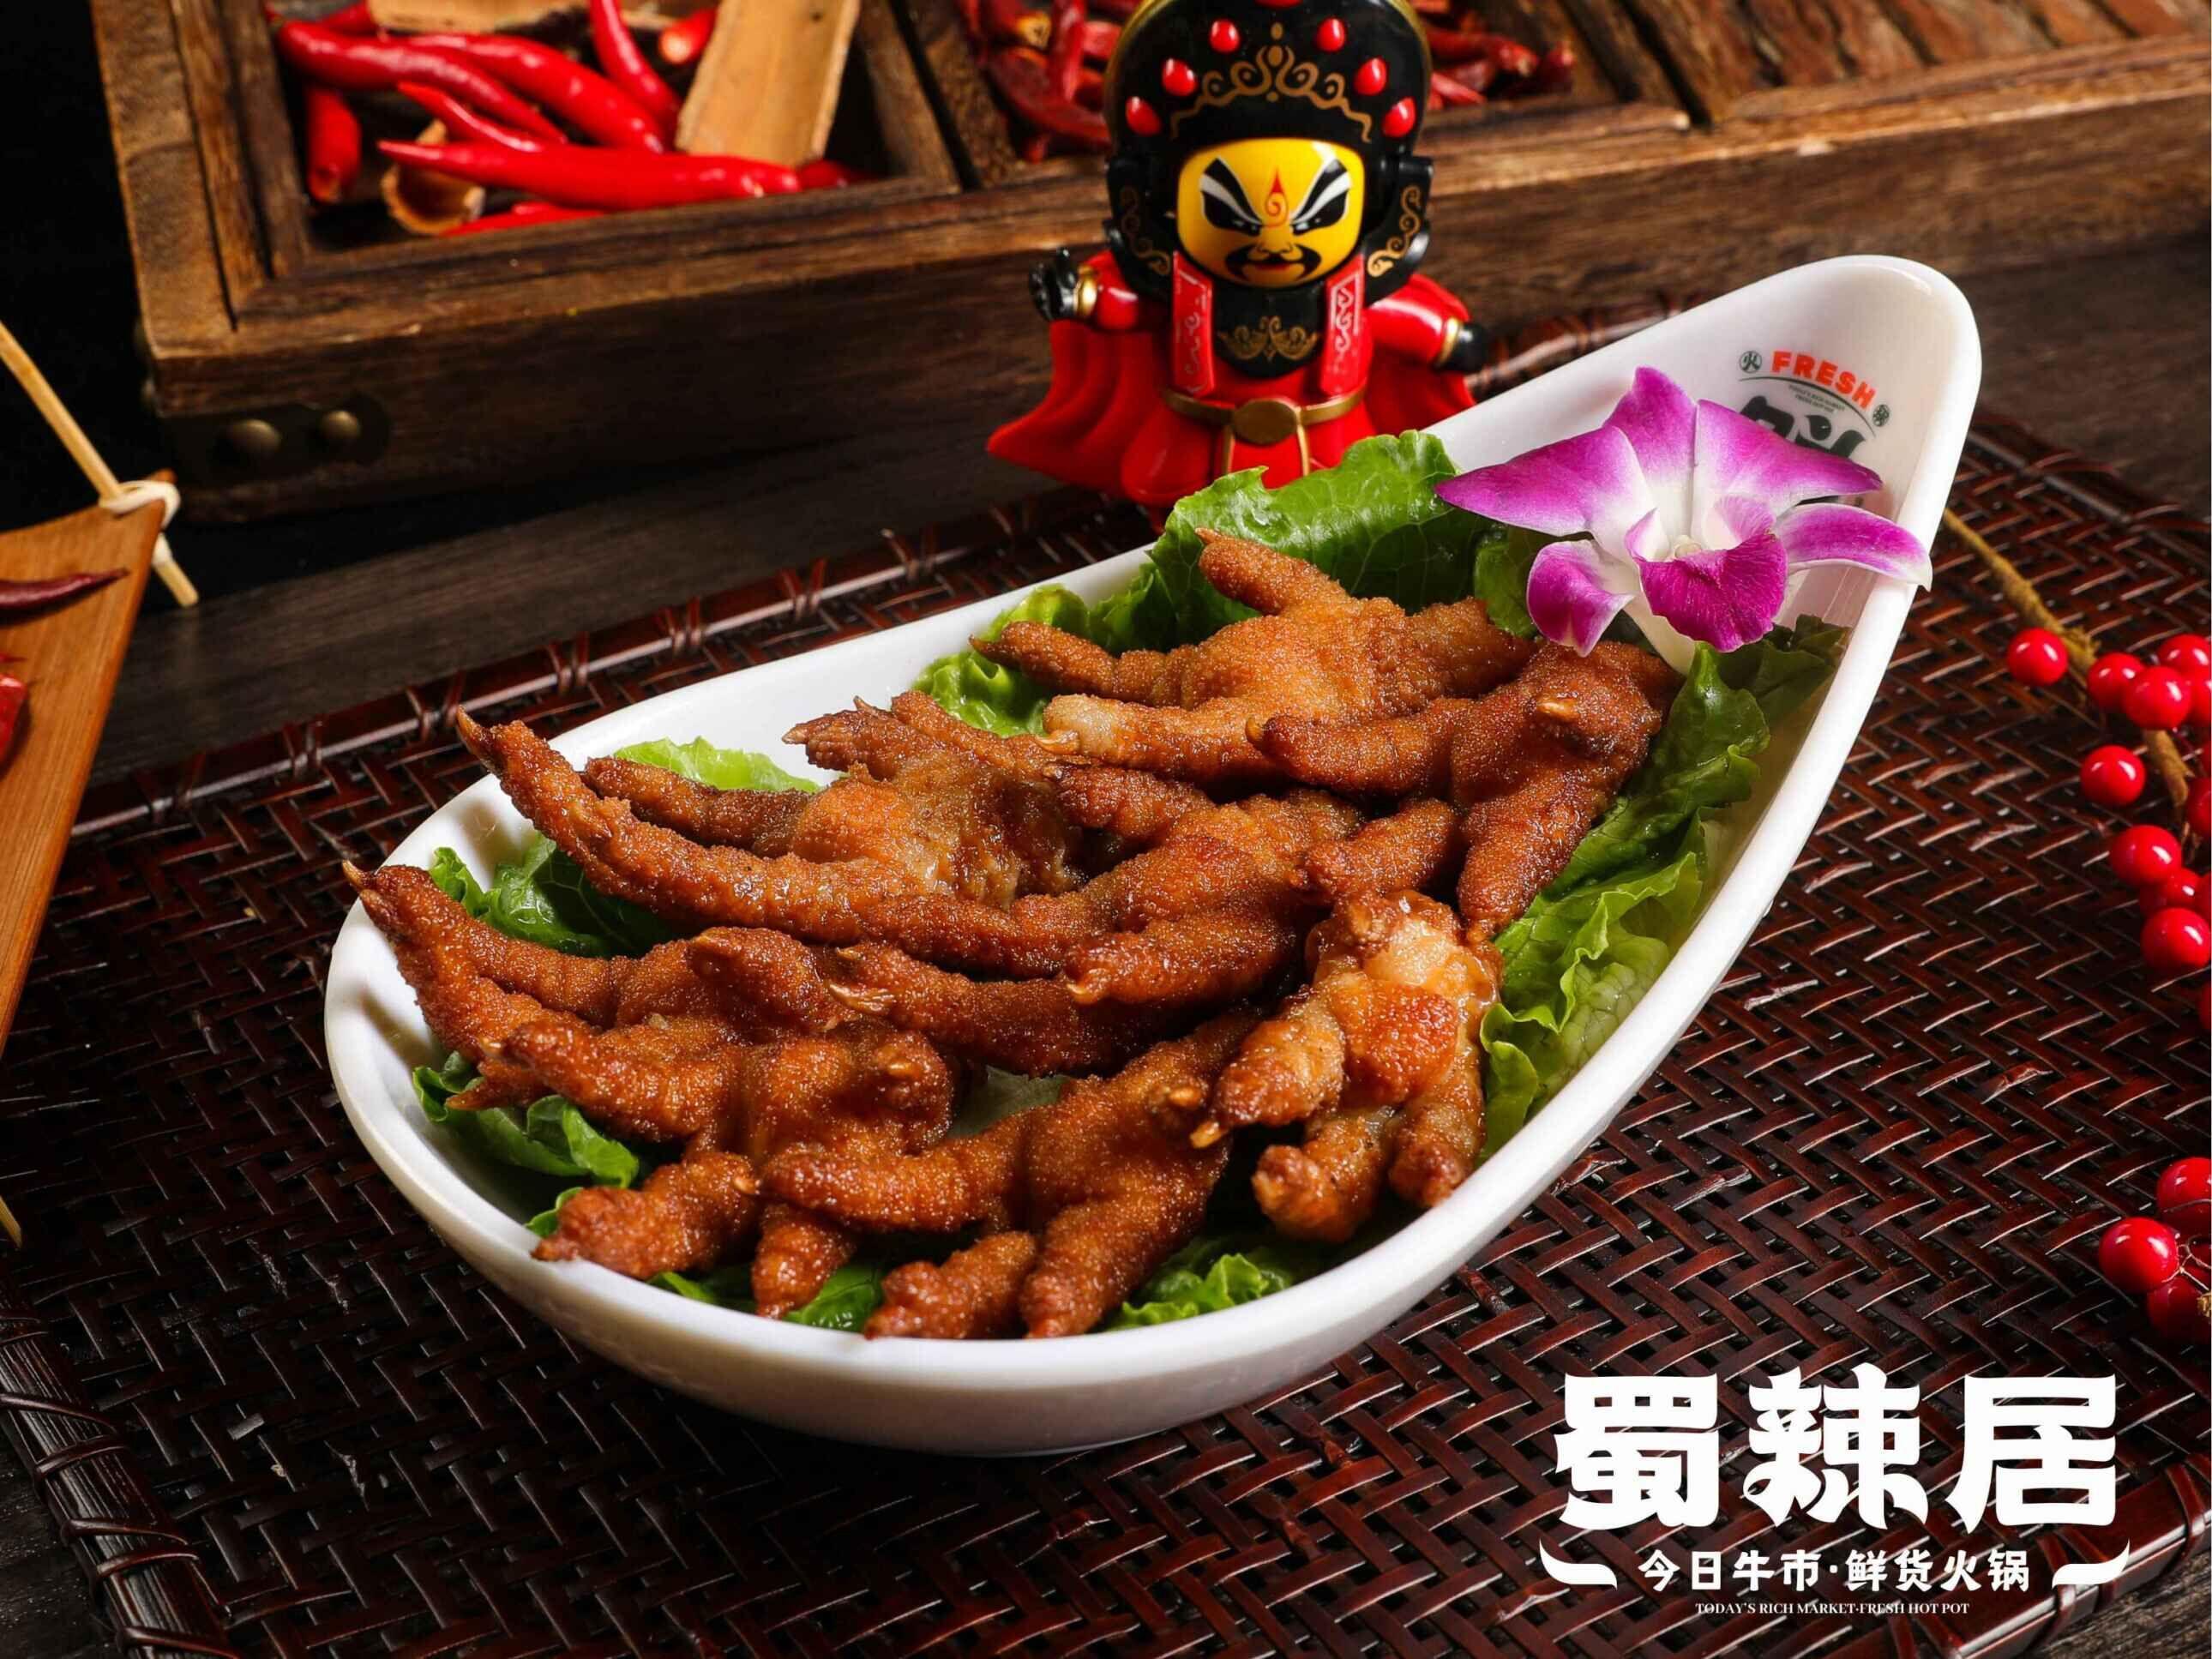 蜀辣居火锅新菜品:网红虎皮鸡爪